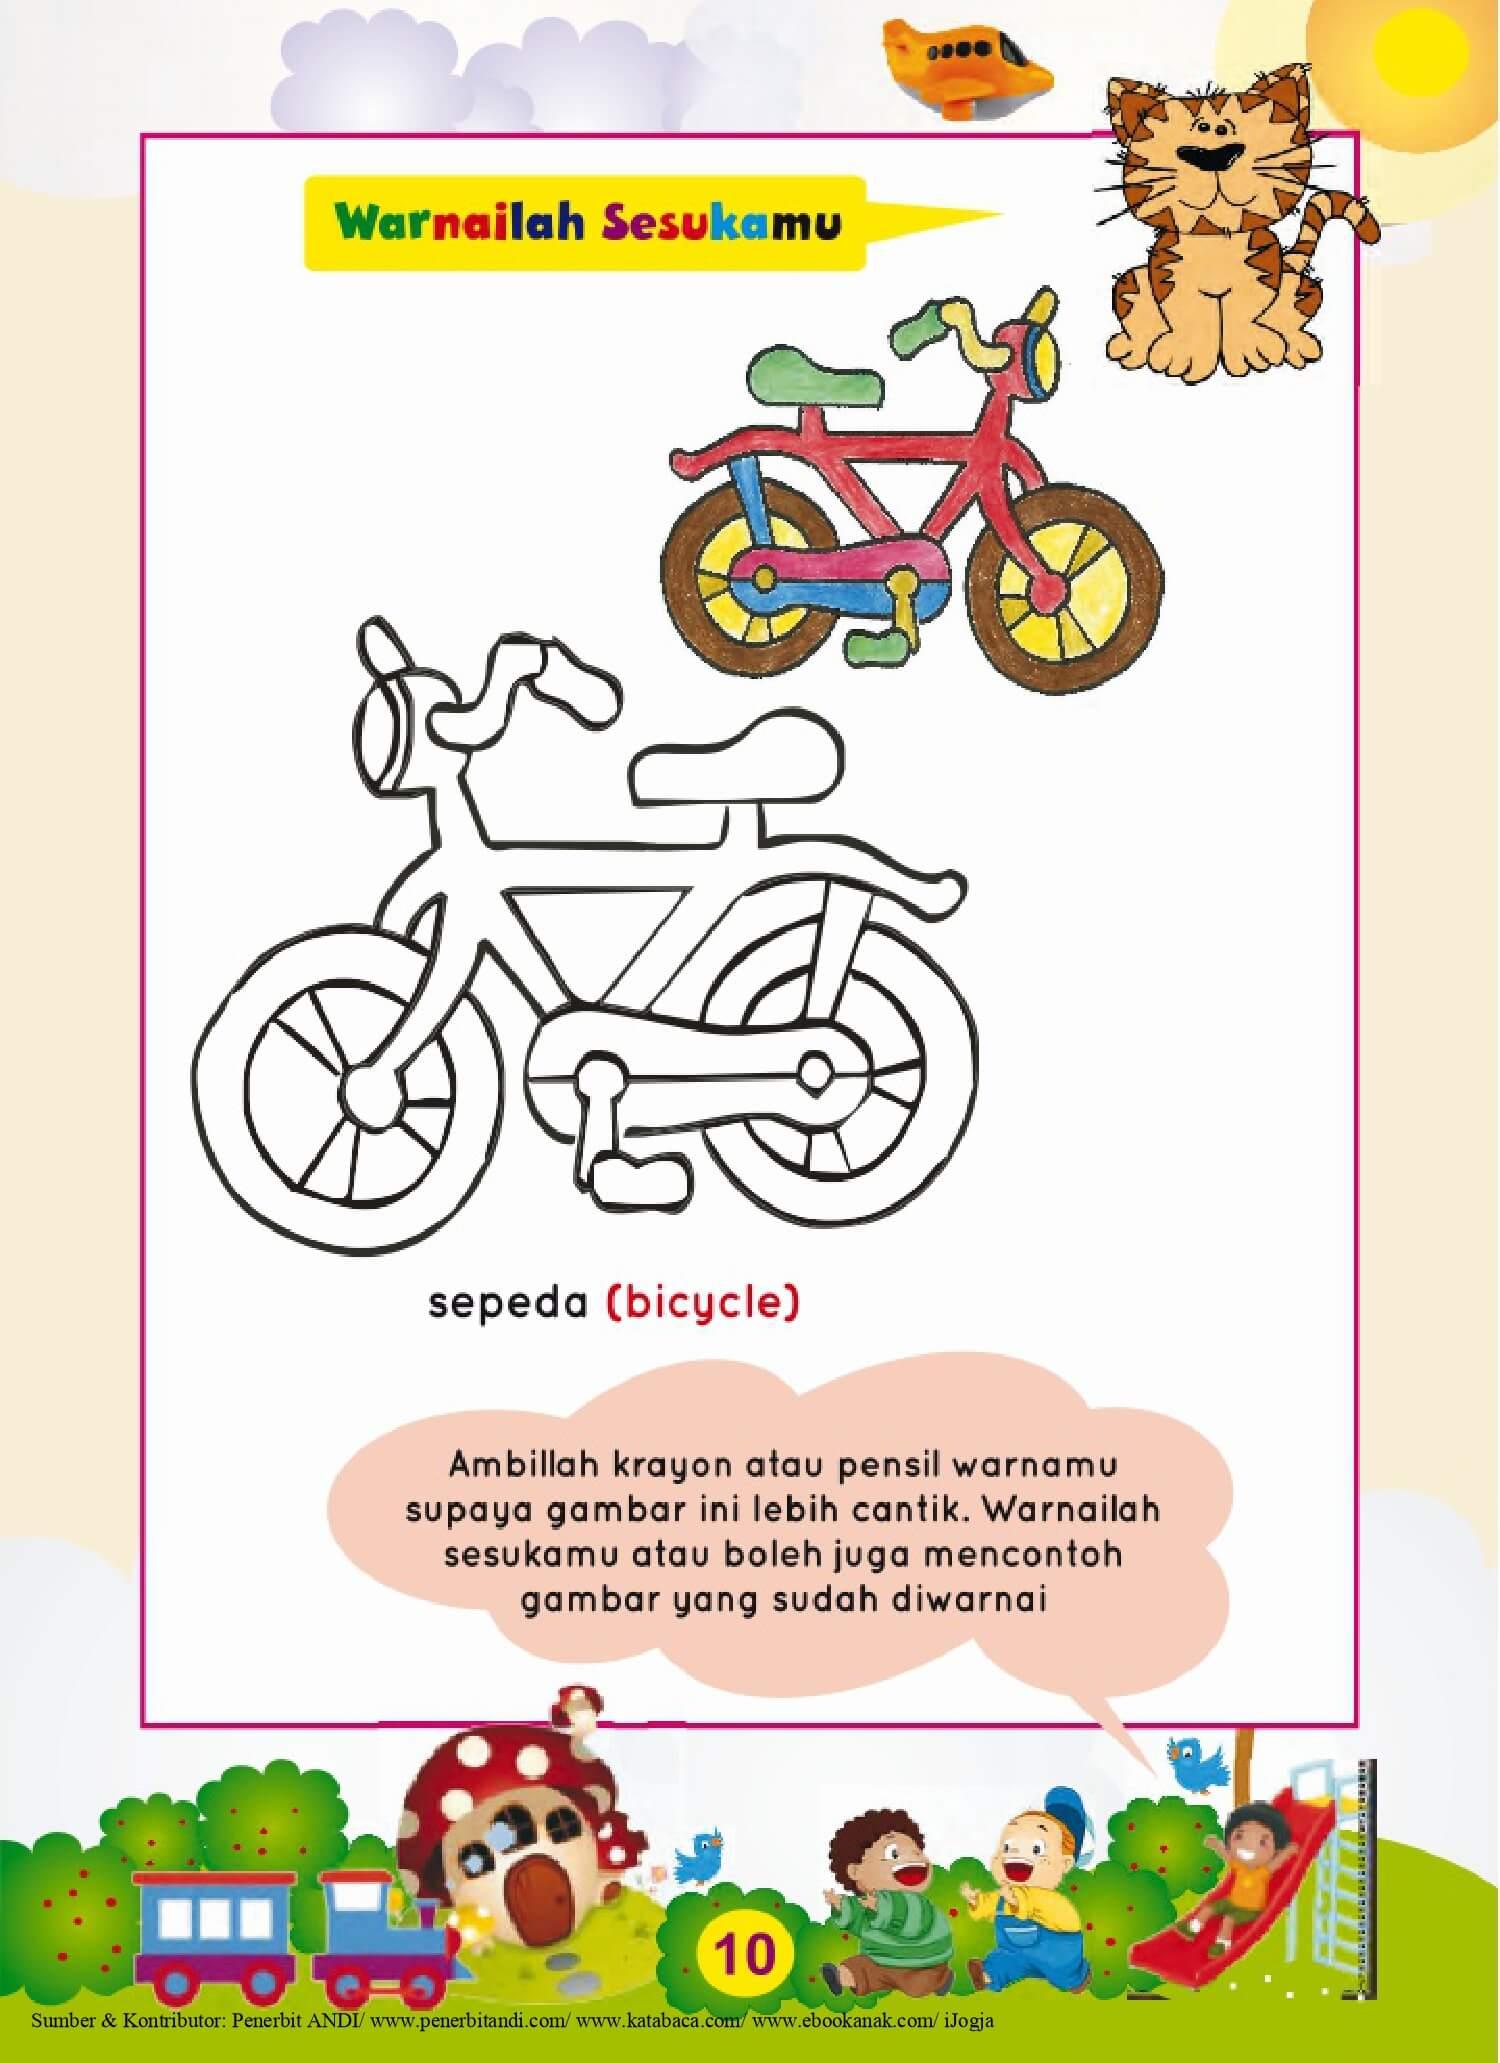 Ebook Super Calistung Mulai Usia TK Mewarnai Gambar Sepeda